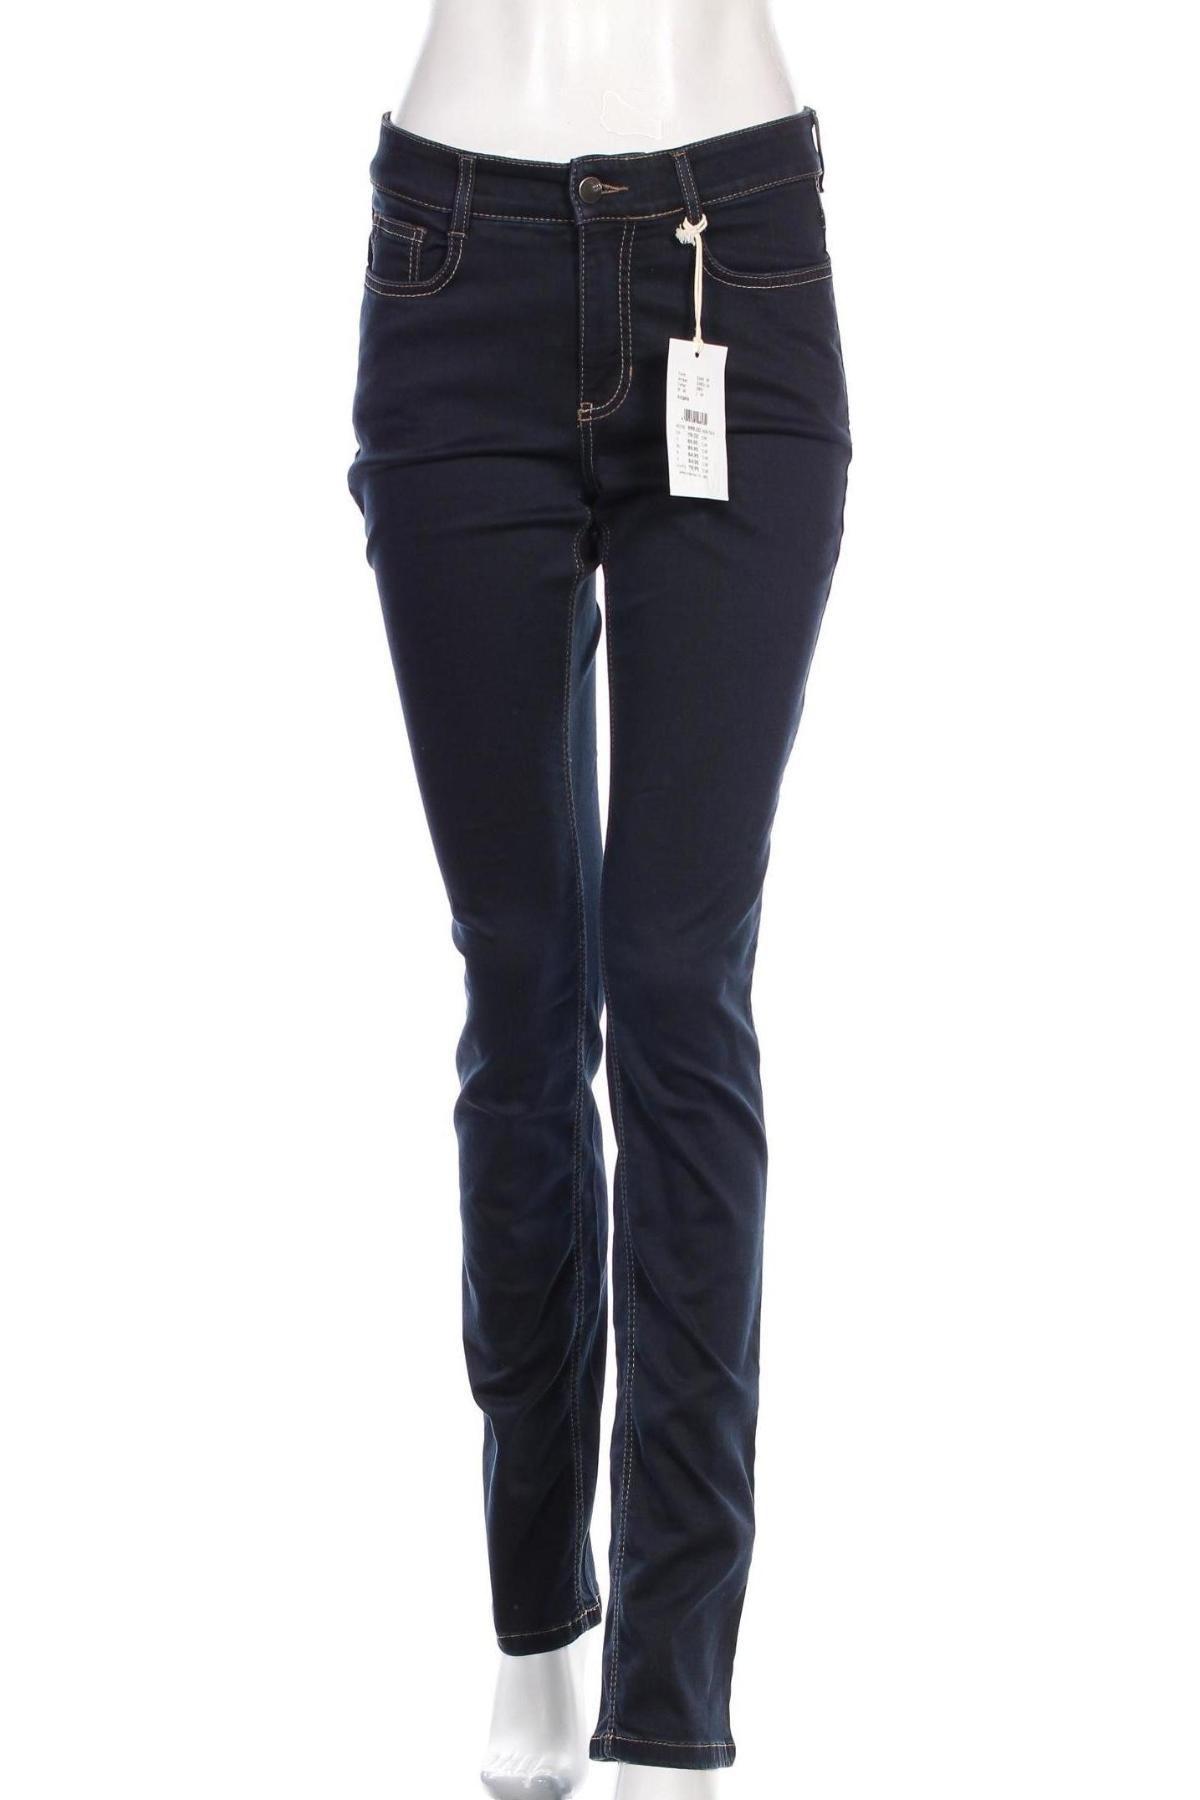 Дамски дънки Mac, Размер S, Цвят Син, 92% памук, 5% полиестер, 3% еластан, Цена 15,39лв.